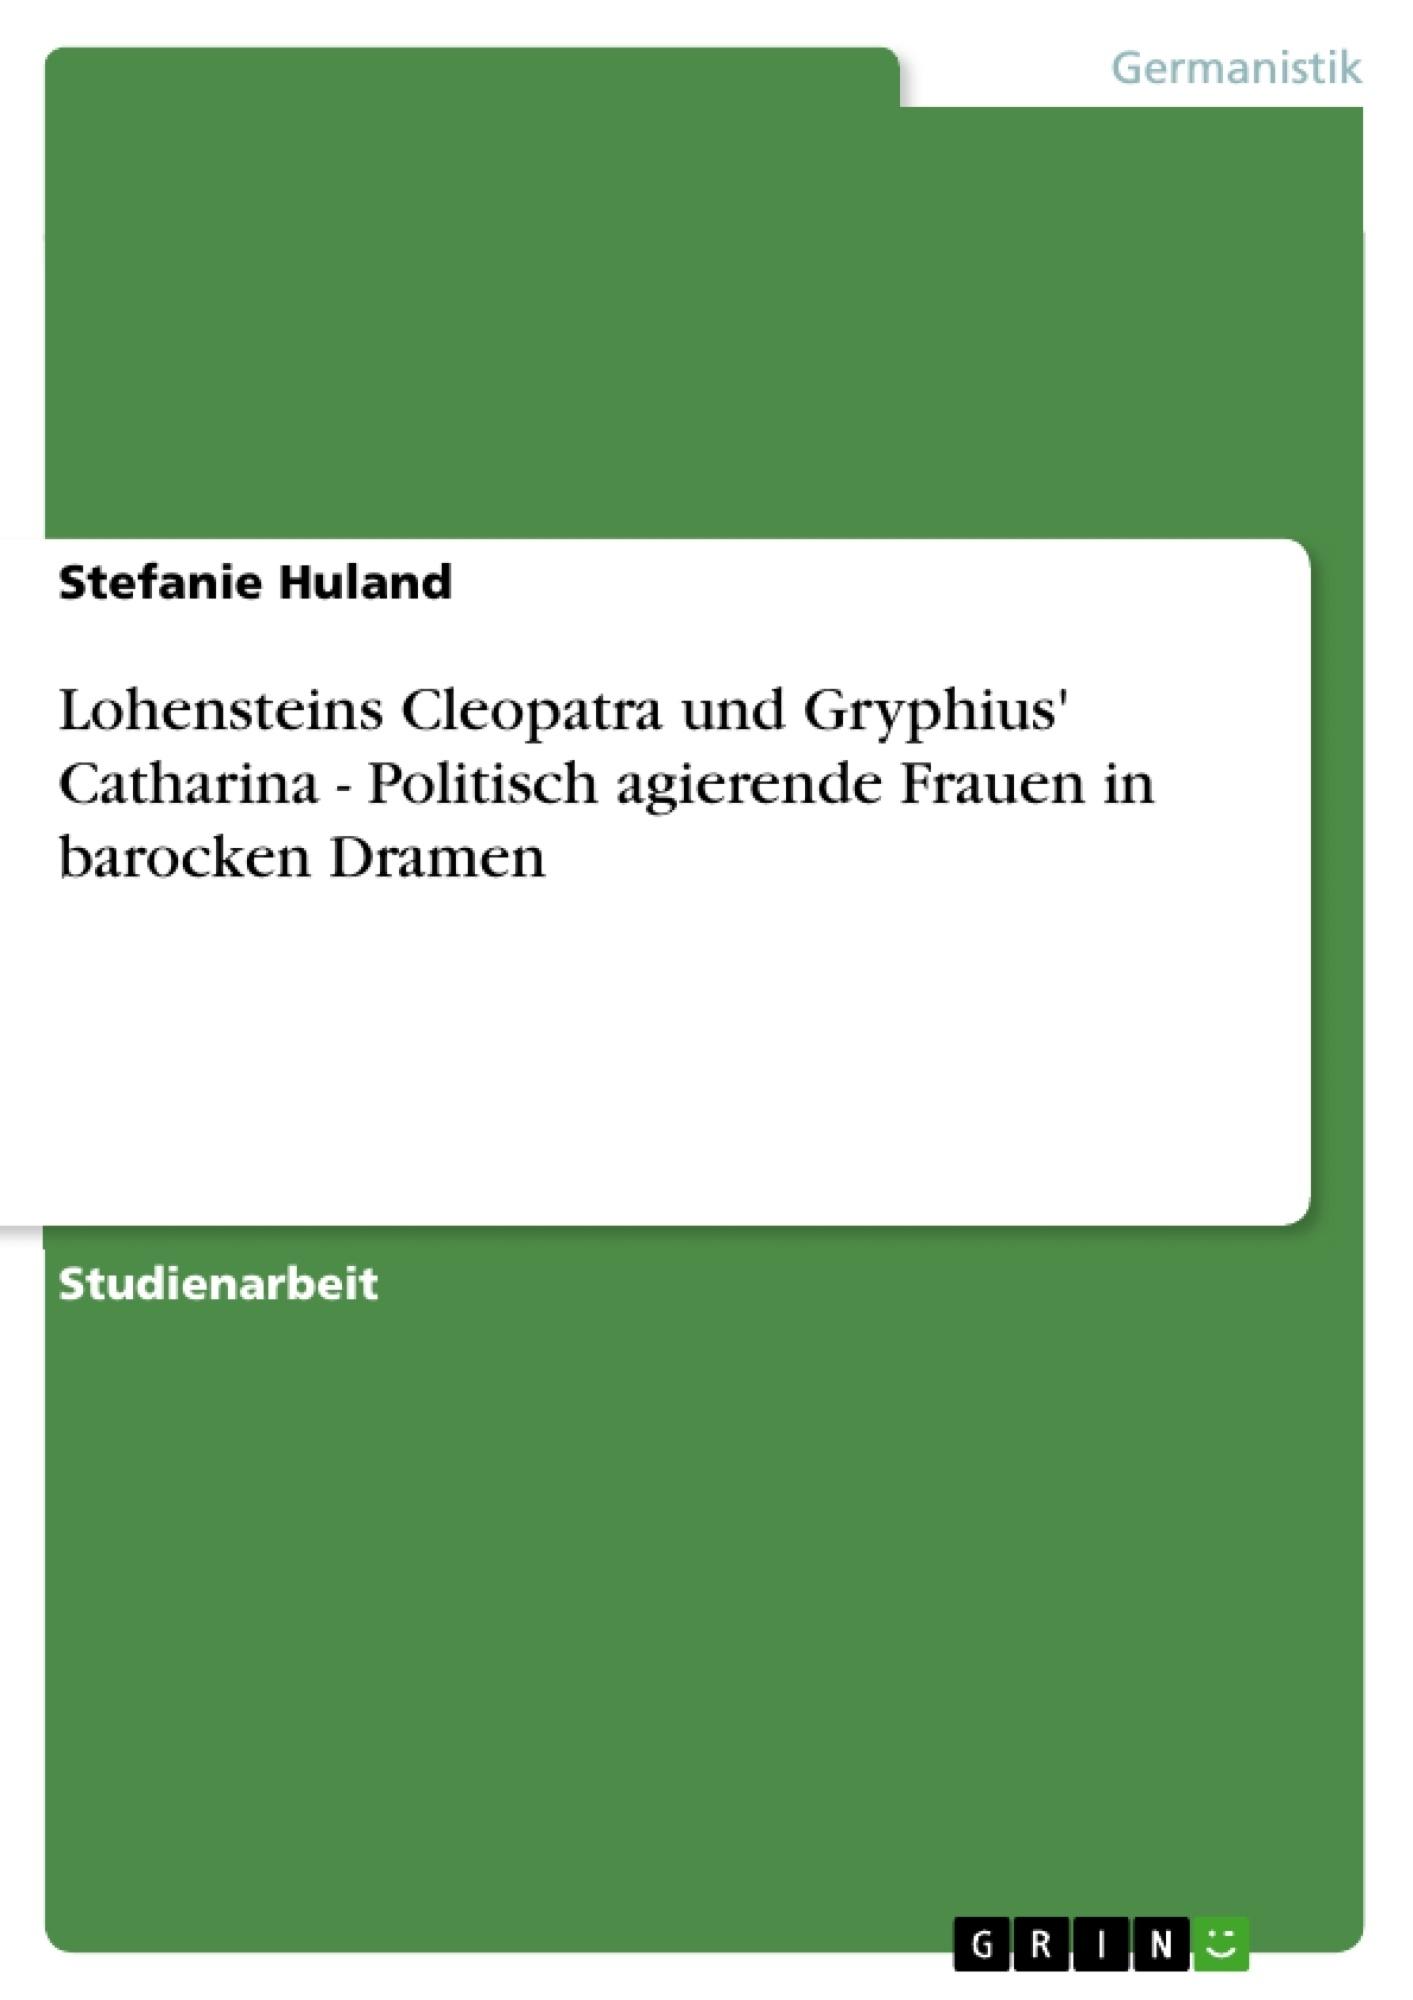 Titel: Lohensteins Cleopatra und Gryphius' Catharina - Politisch agierende Frauen in barocken Dramen